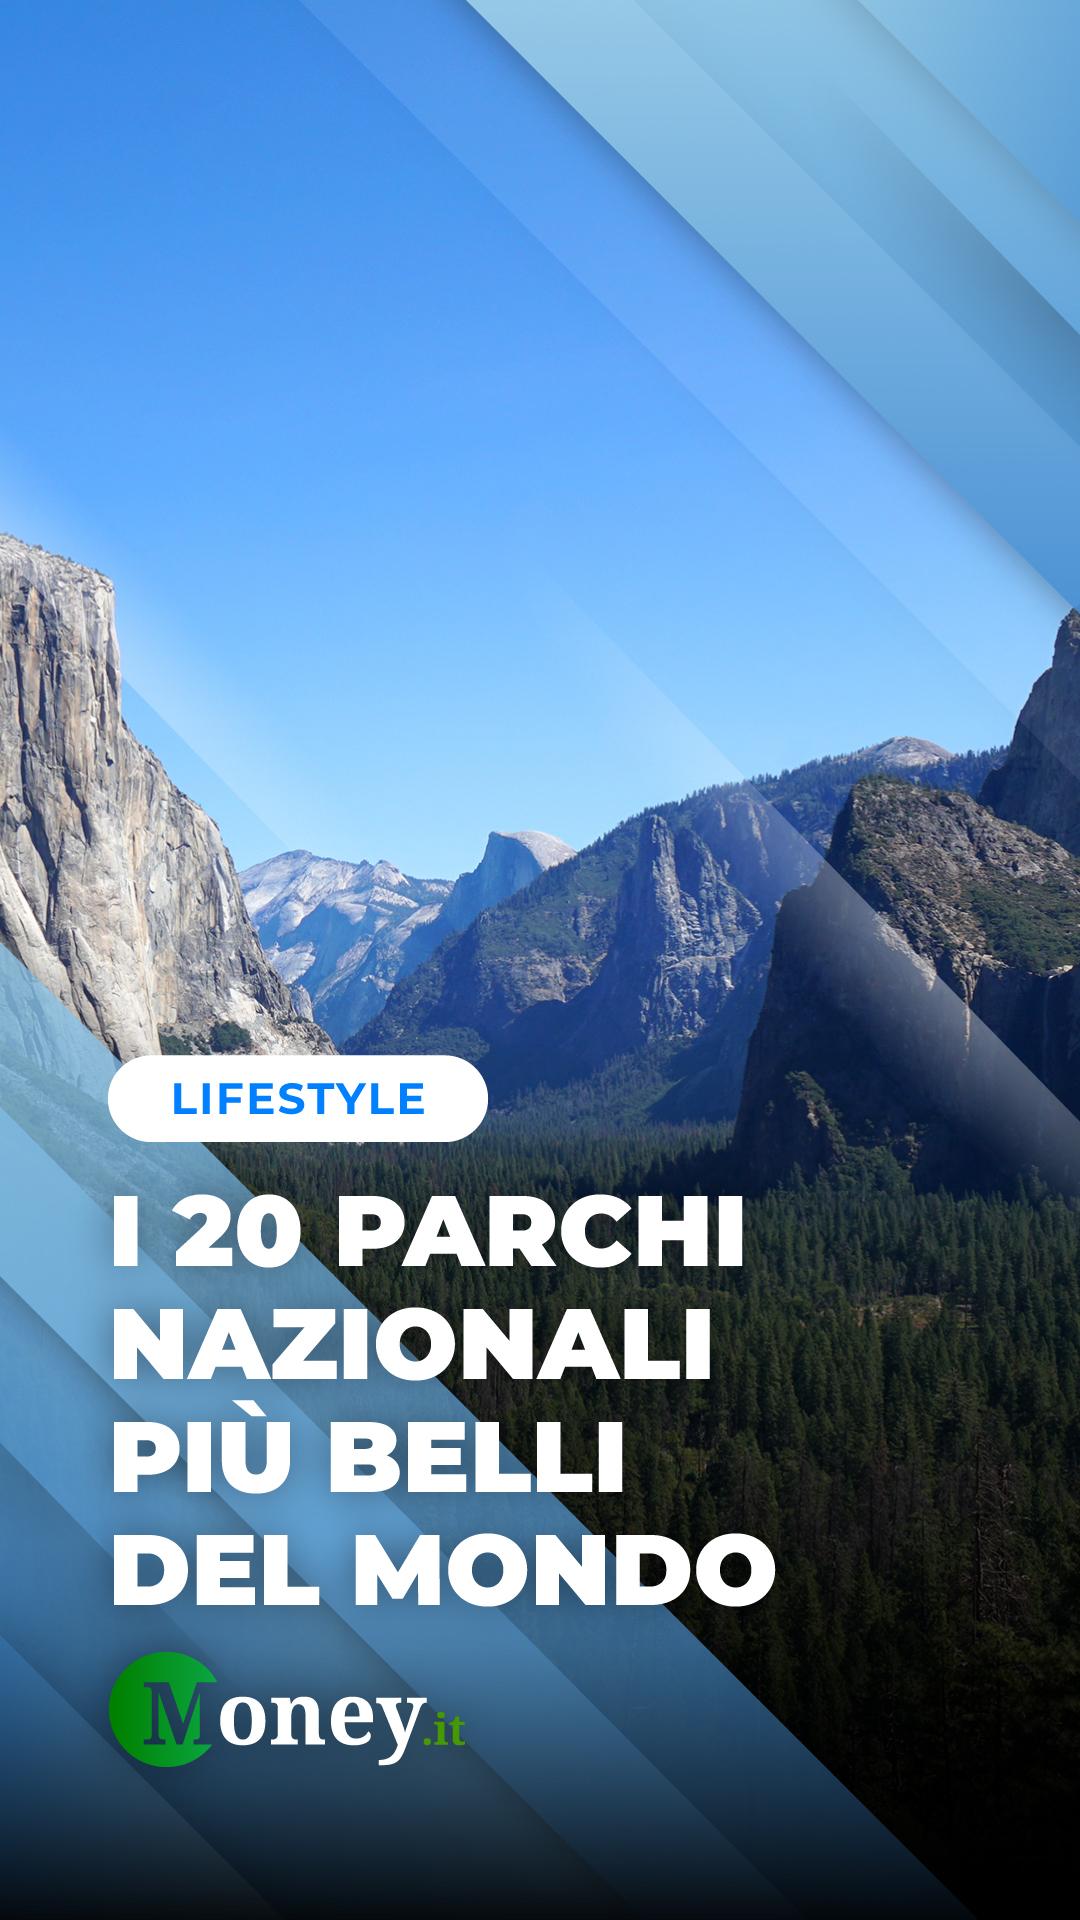 I 20 parchi nazionali più belli del mondo